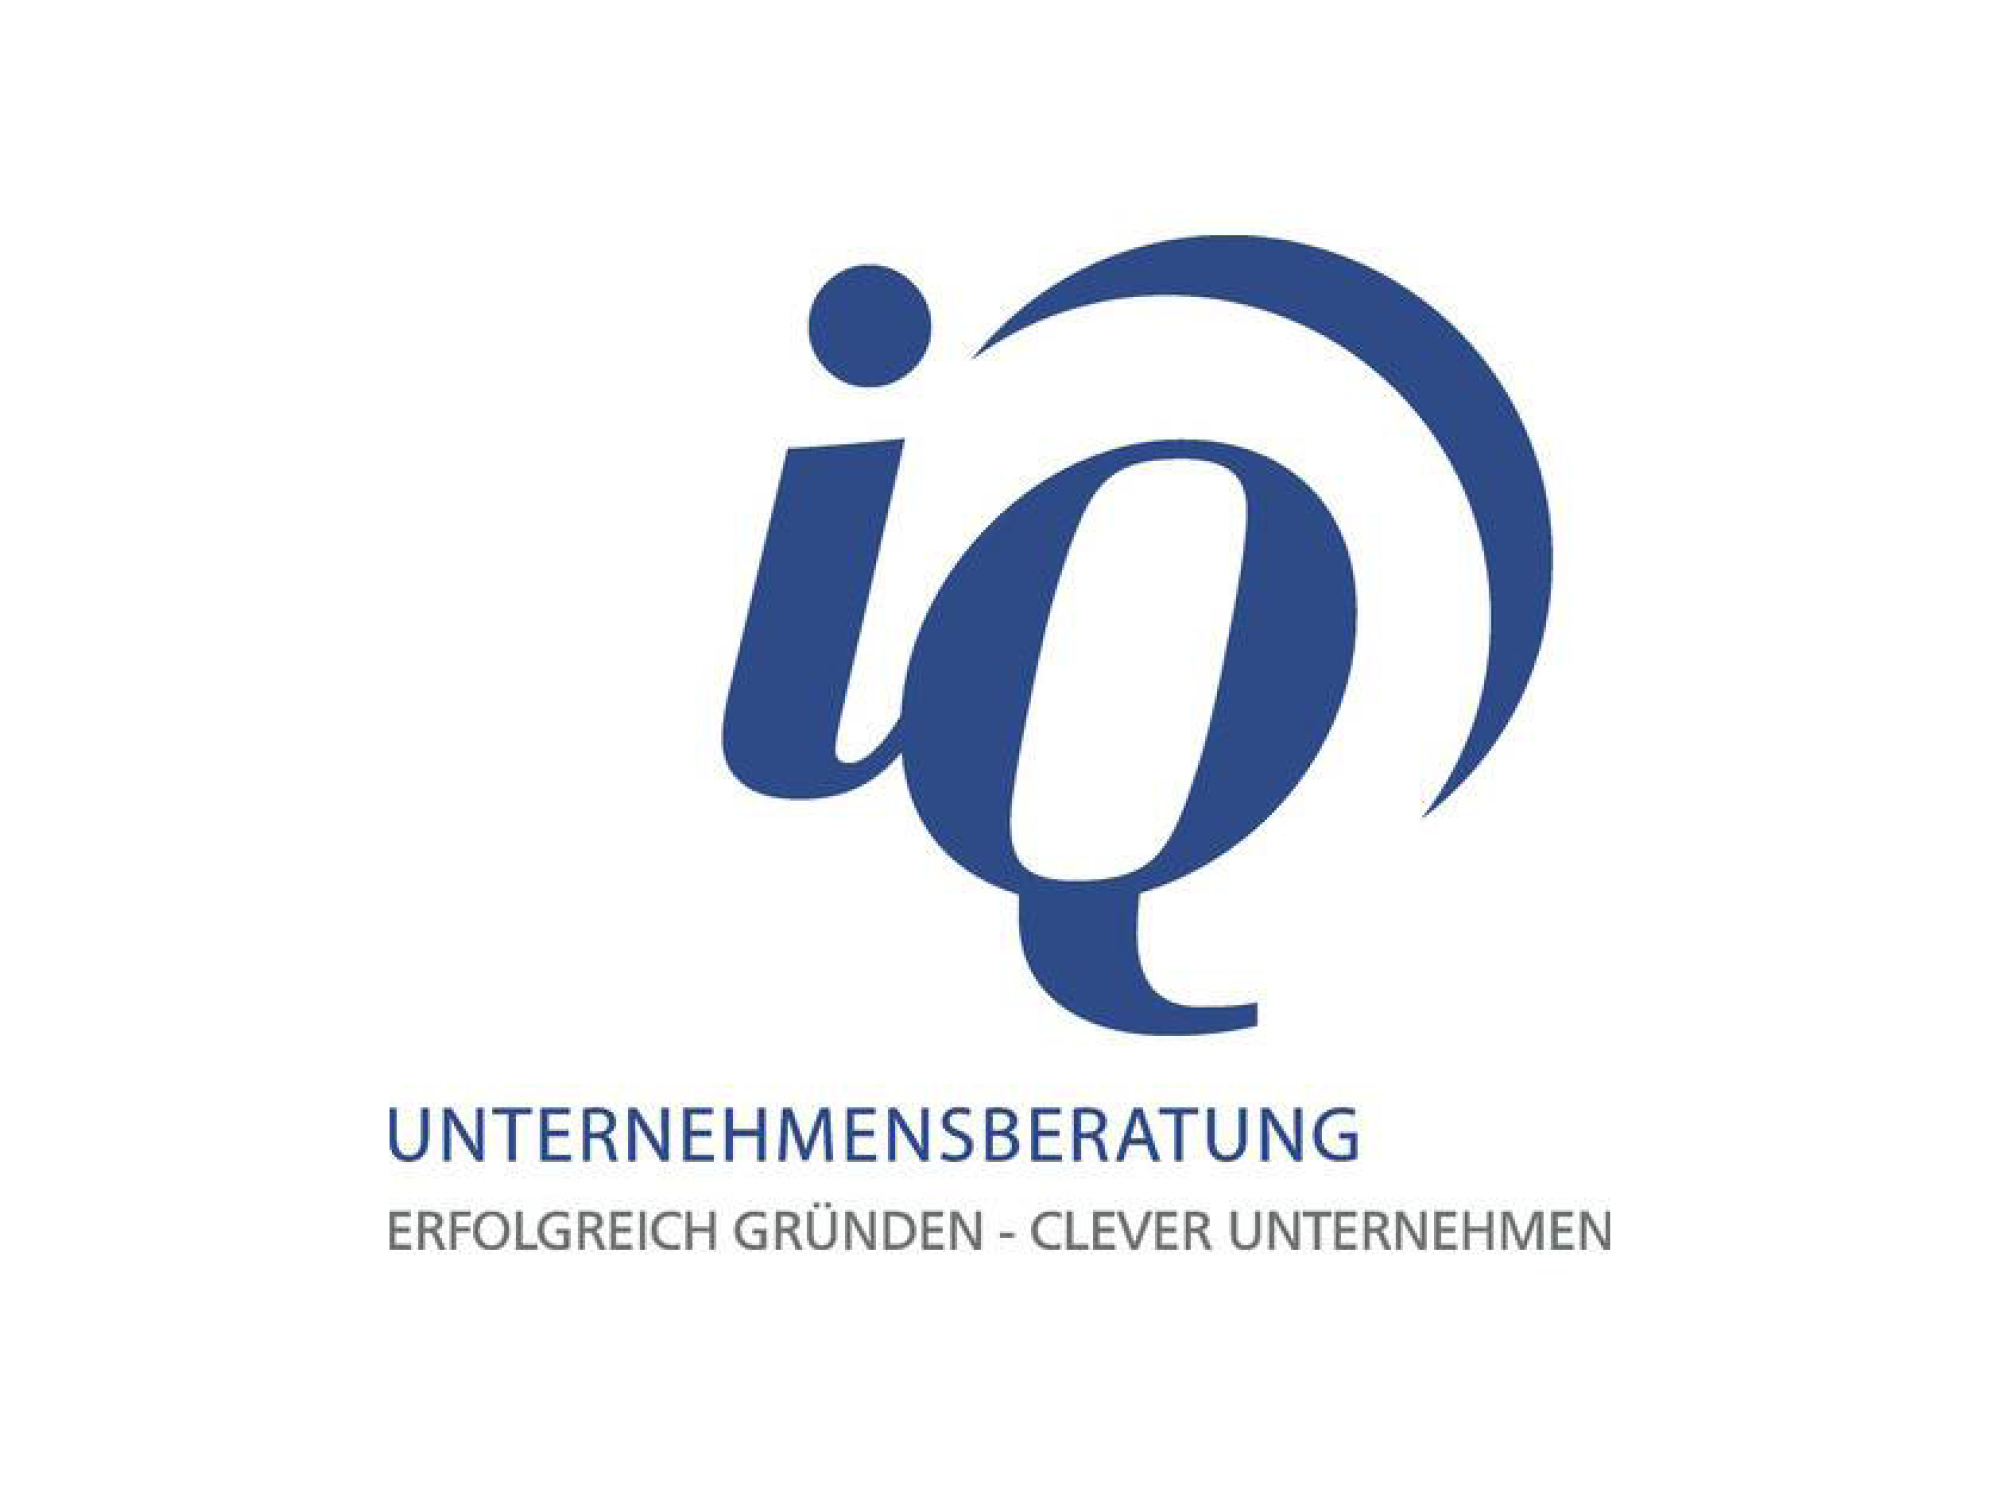 IQ Unternehmensberatung GmbH